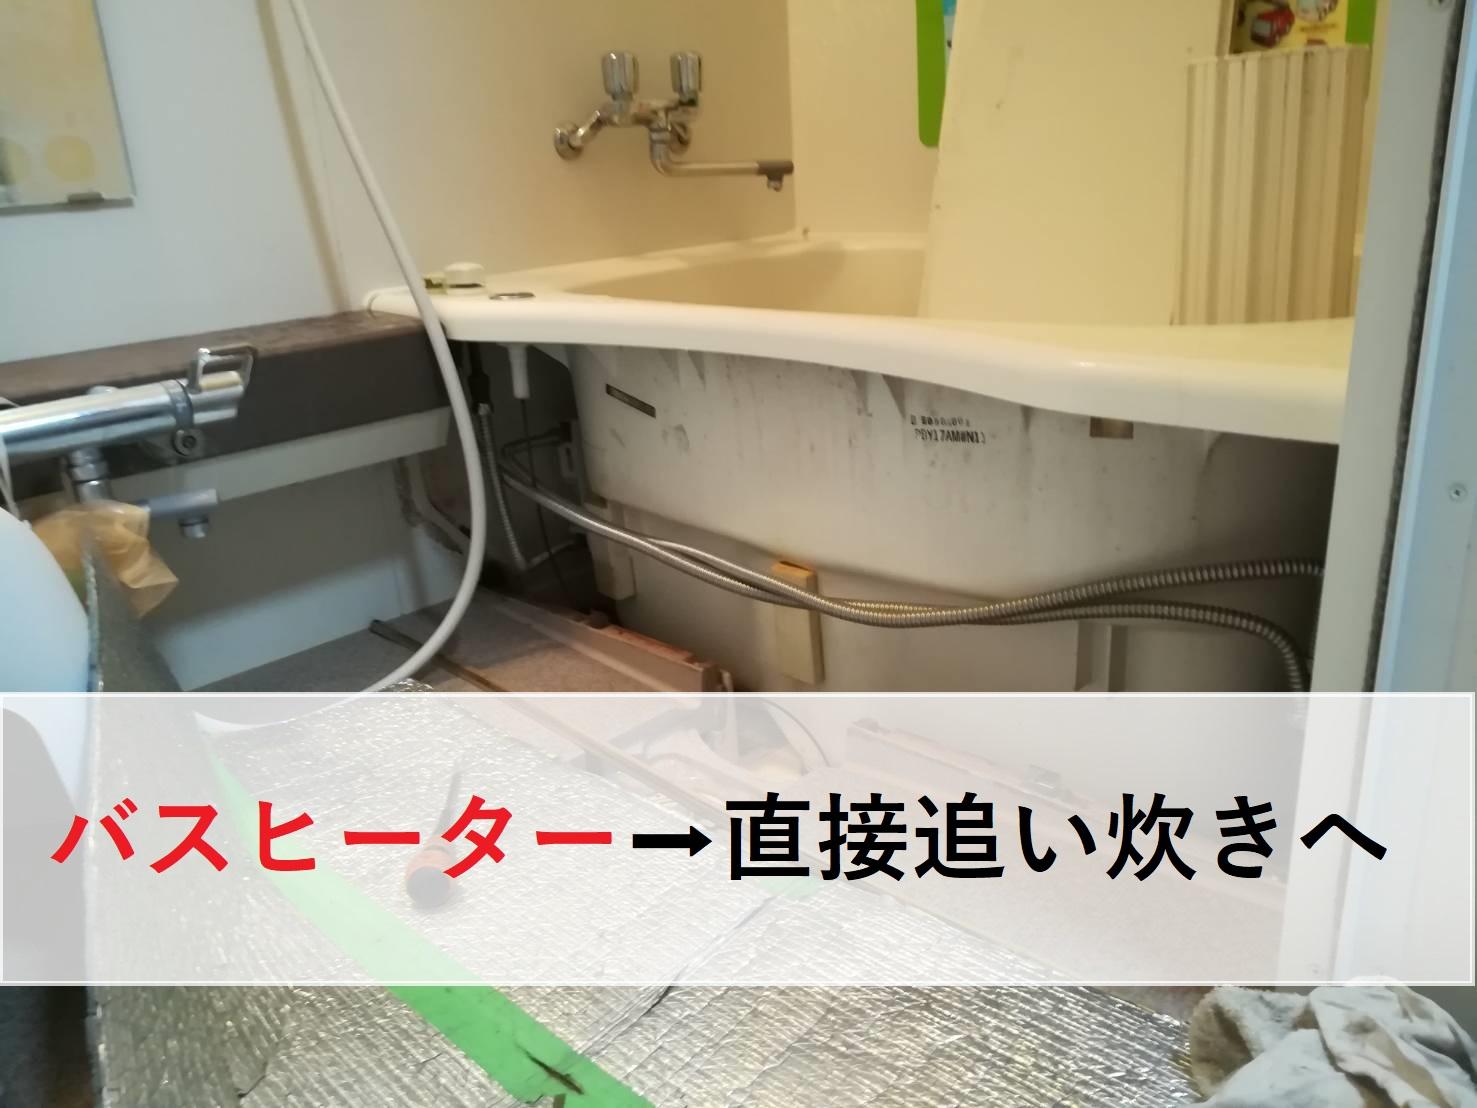 電気代のかさむバスヒーターから給湯器の追い炊きに付け替えたい!費用はいくら?